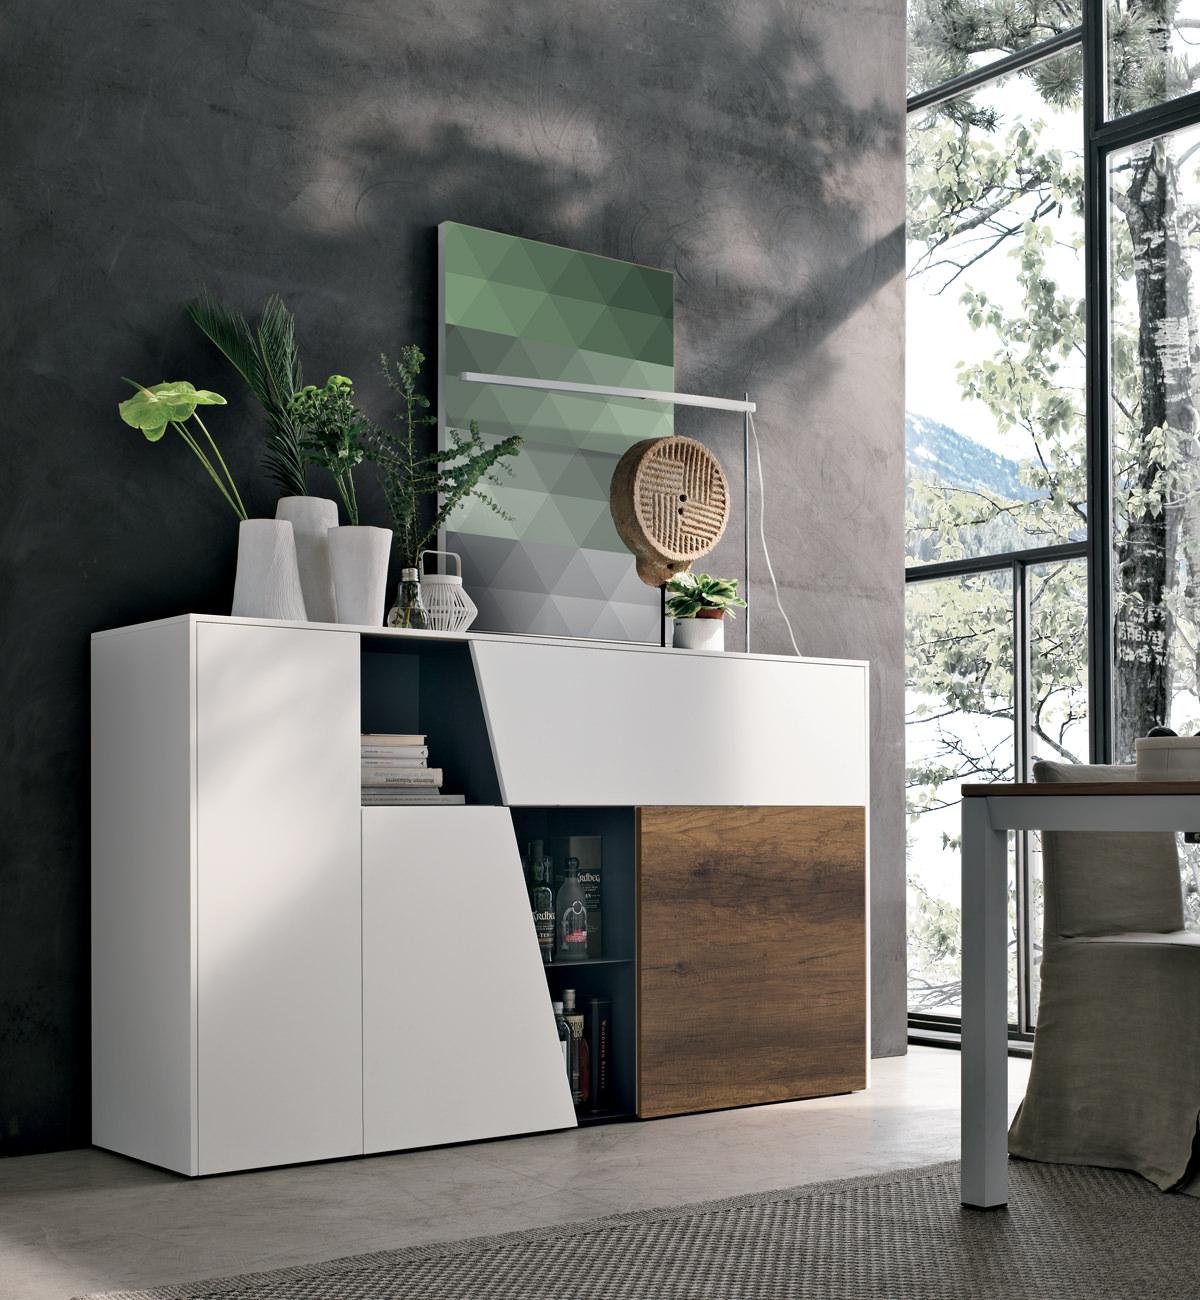 Mensole design in metallo, vetro o legno: Living Room Design Proposal Finding The Perfect Tv Cabinet